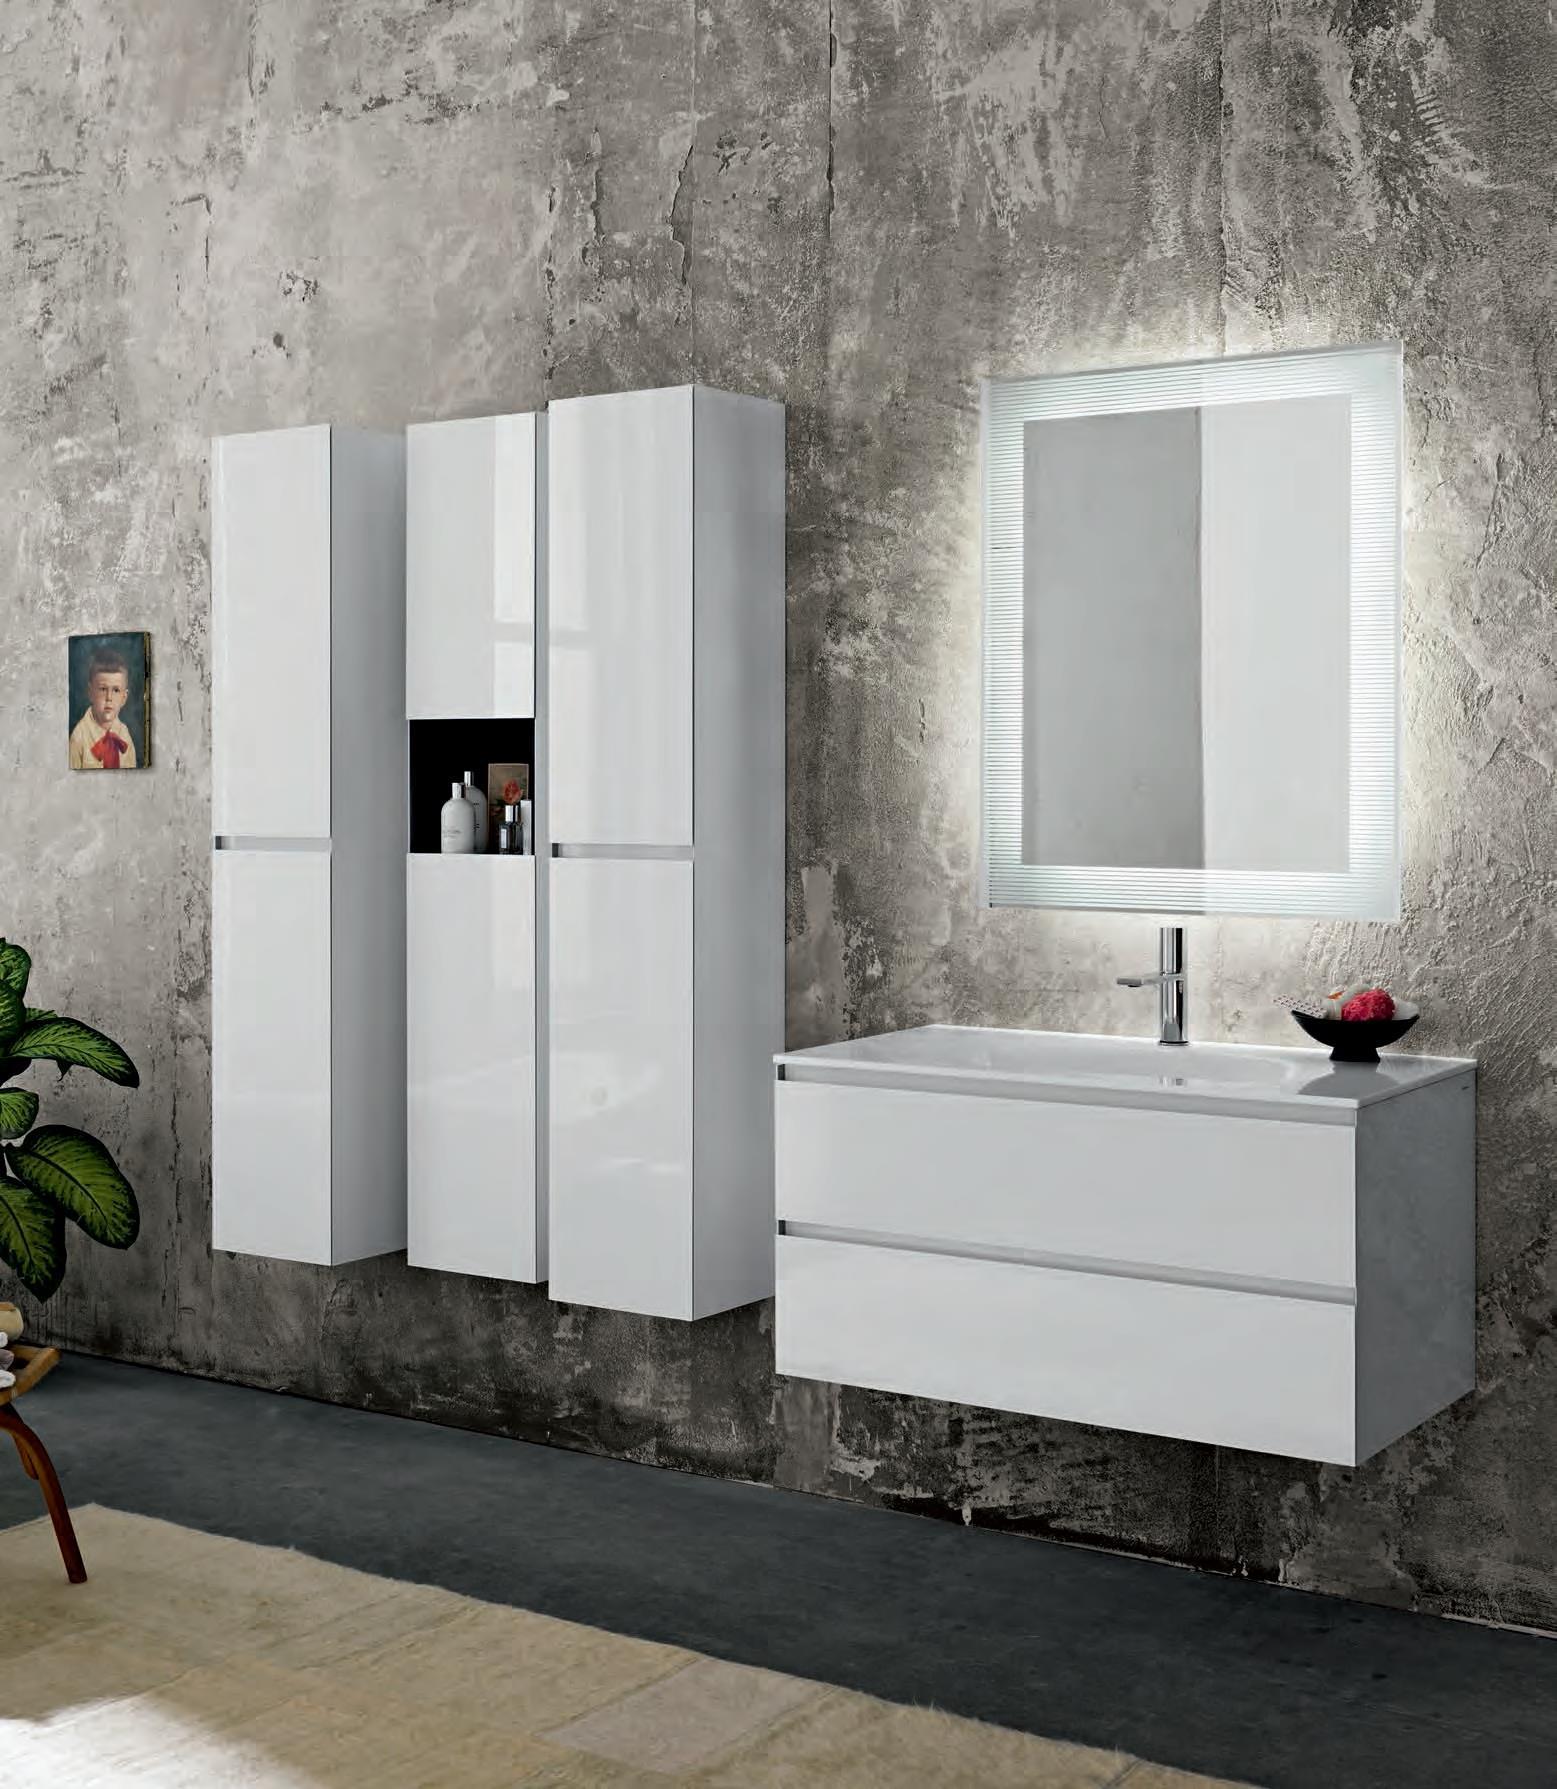 Sanitari arredo bagno alto adige domino mobili di for Mobili di bagno